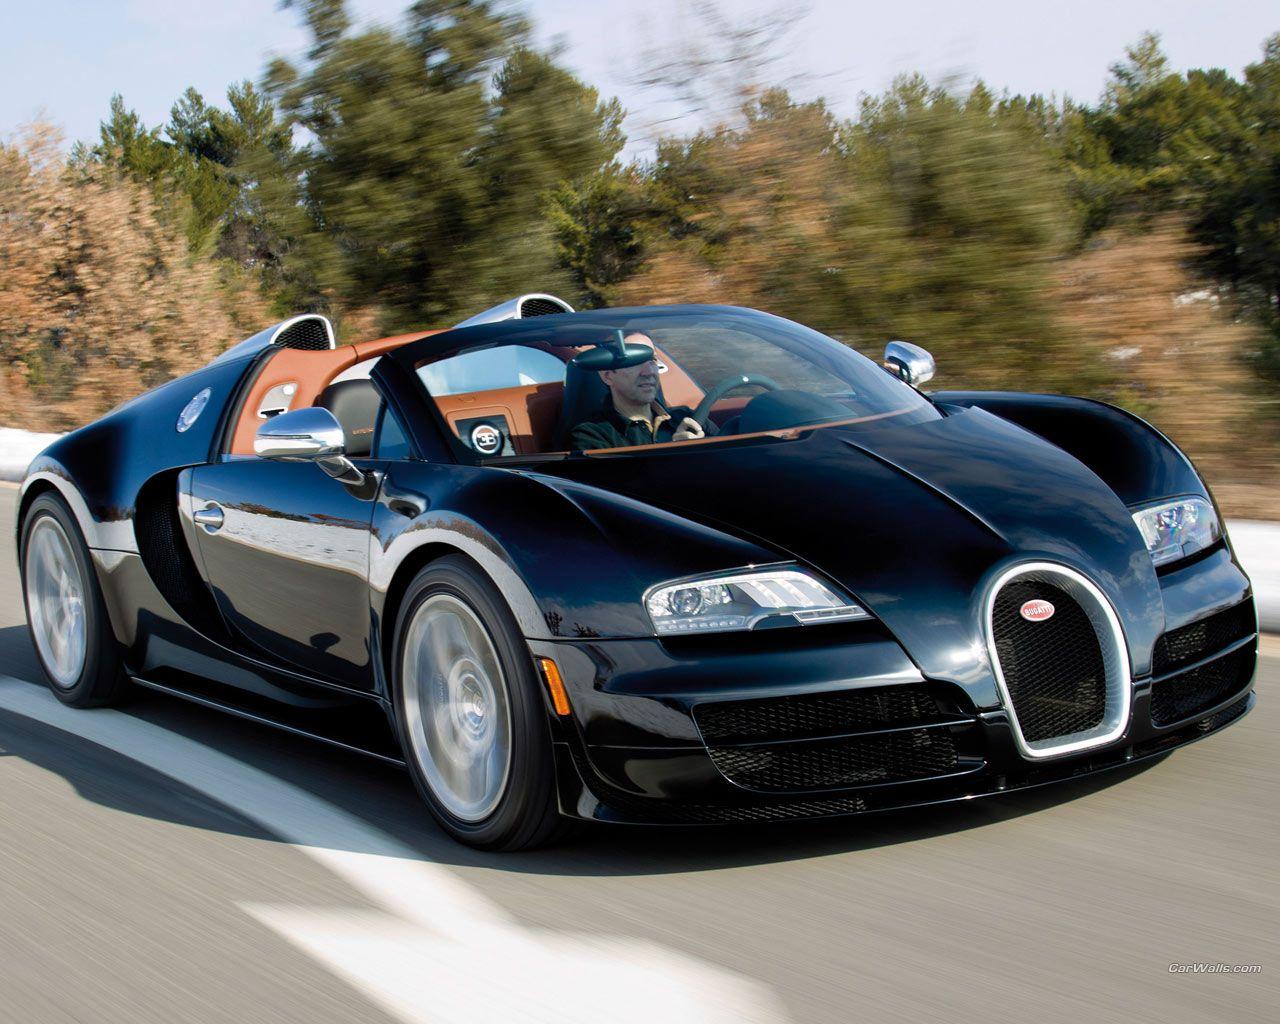 Buggati Veyron Bugatti Veyron Sportauto S Auto Fotografie